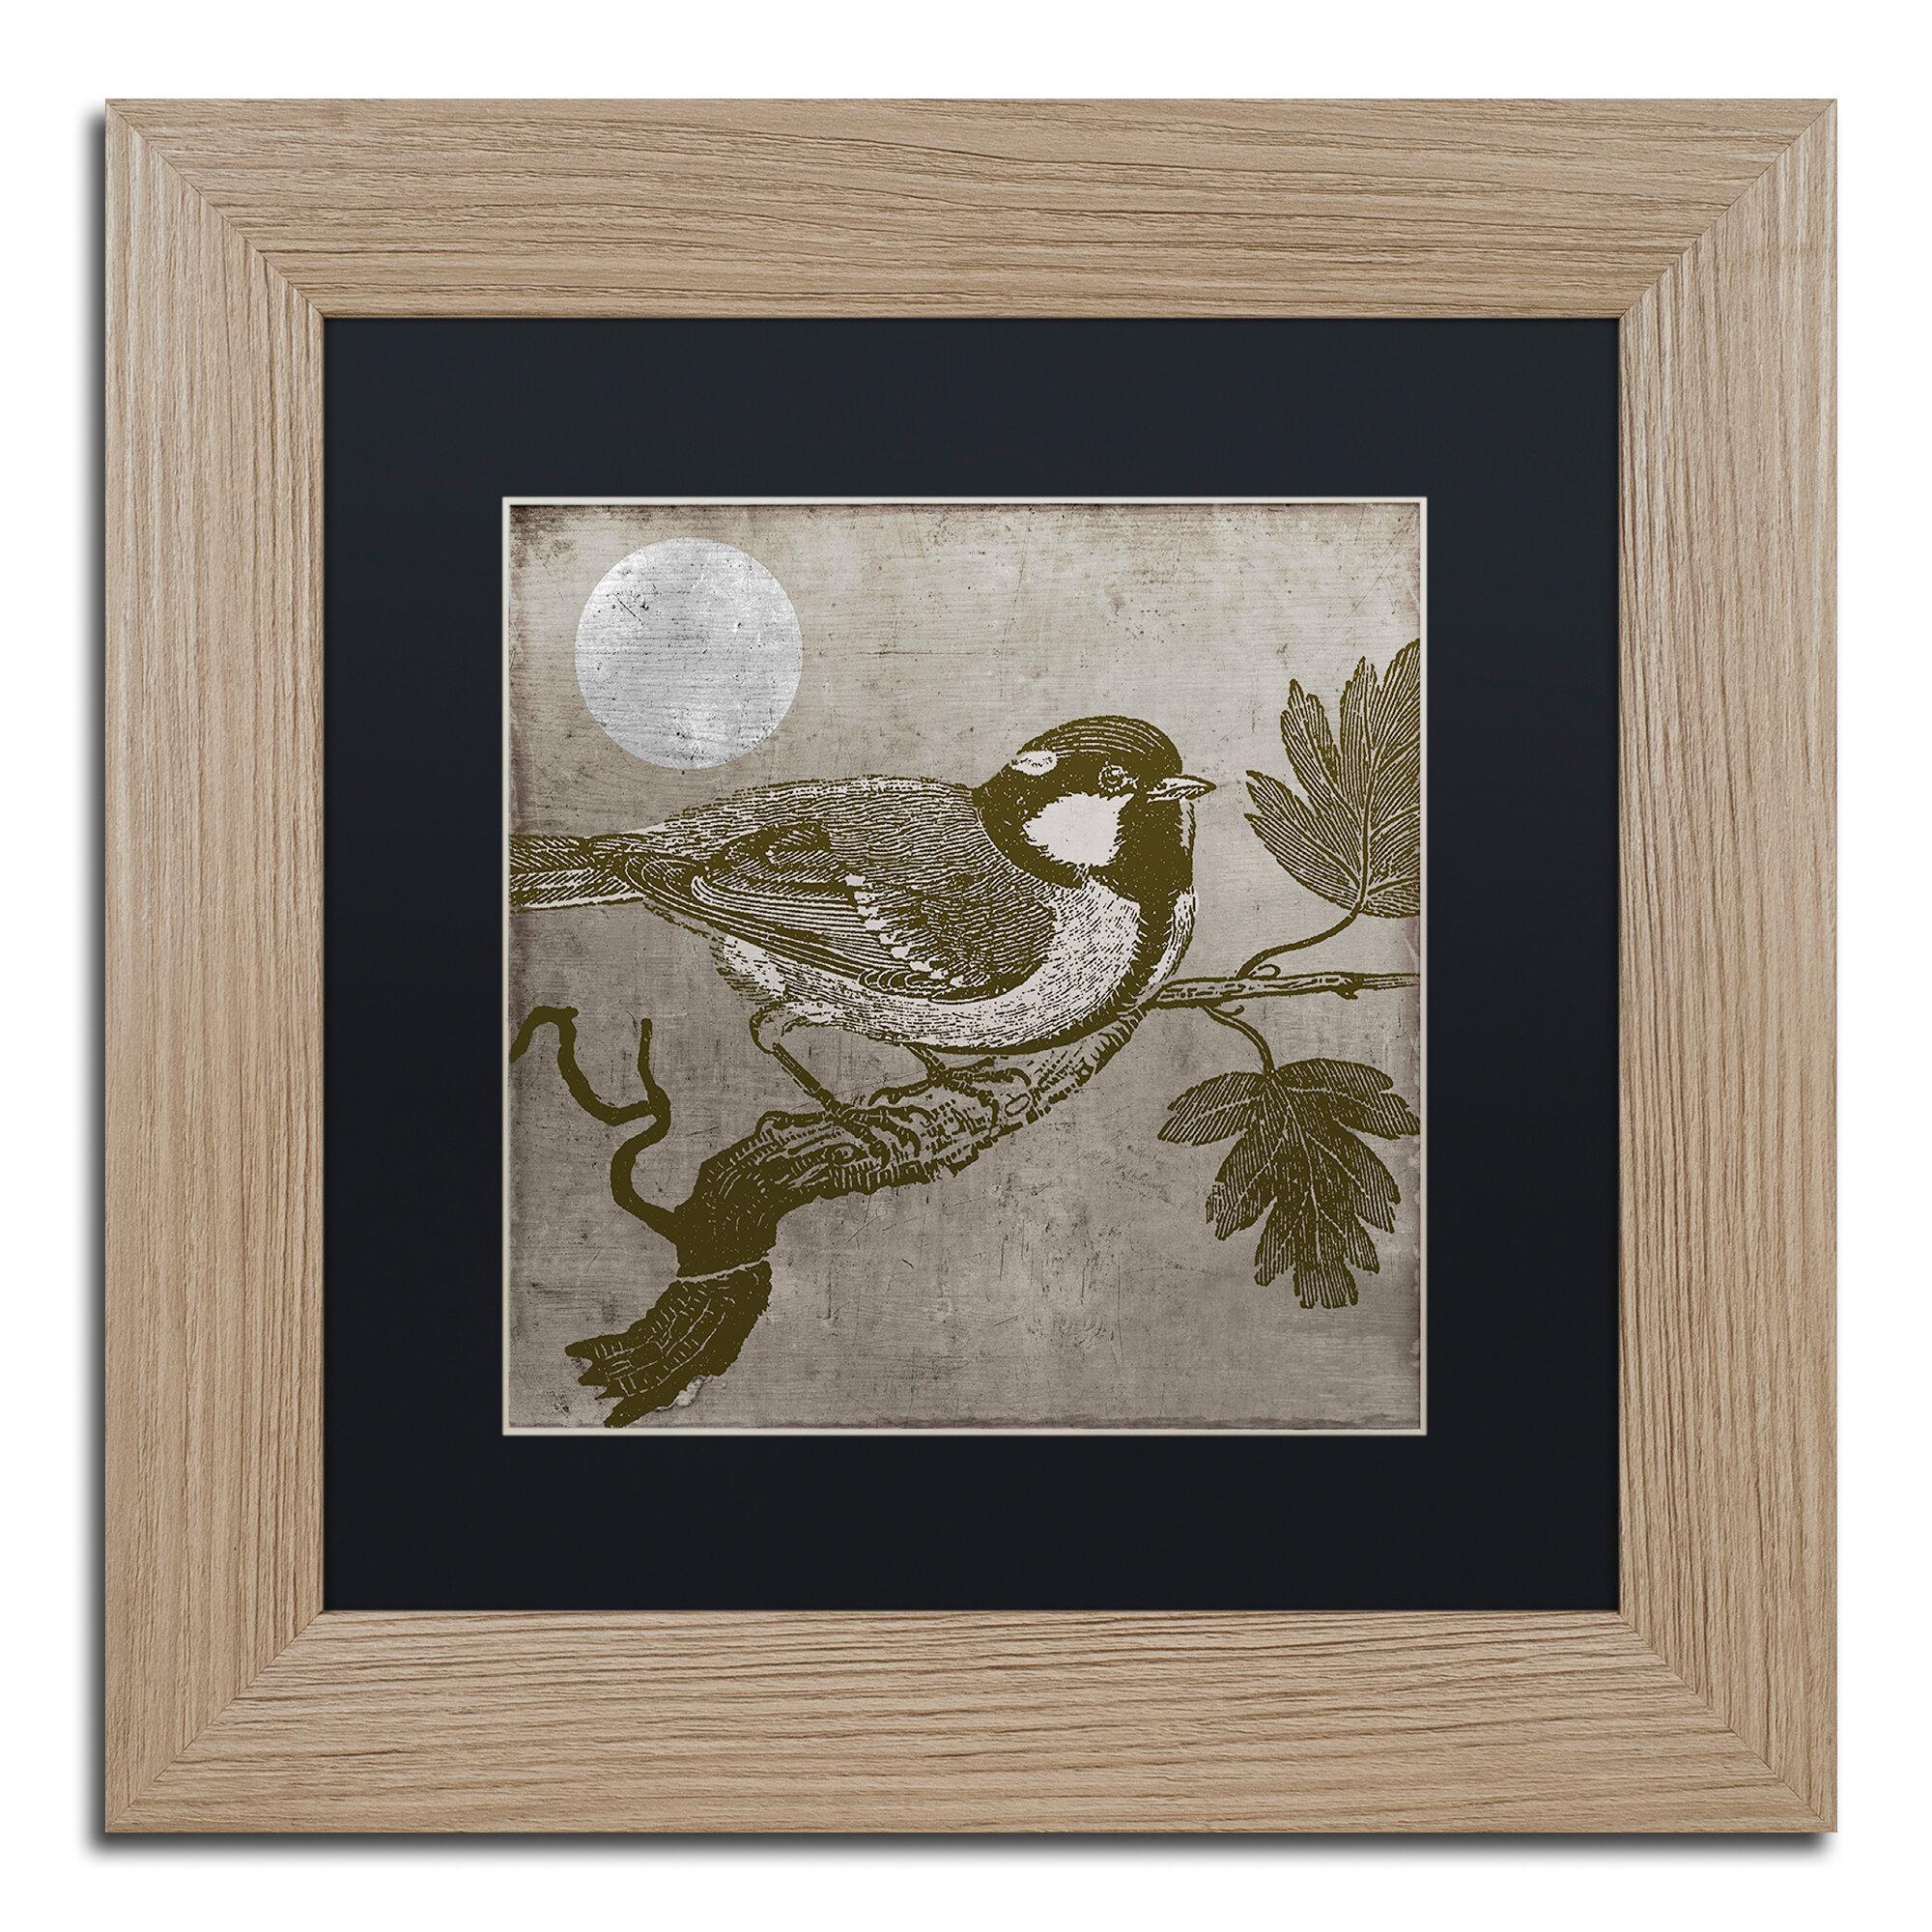 Trademark Art Moon Bird Framed Graphic Art Wayfair